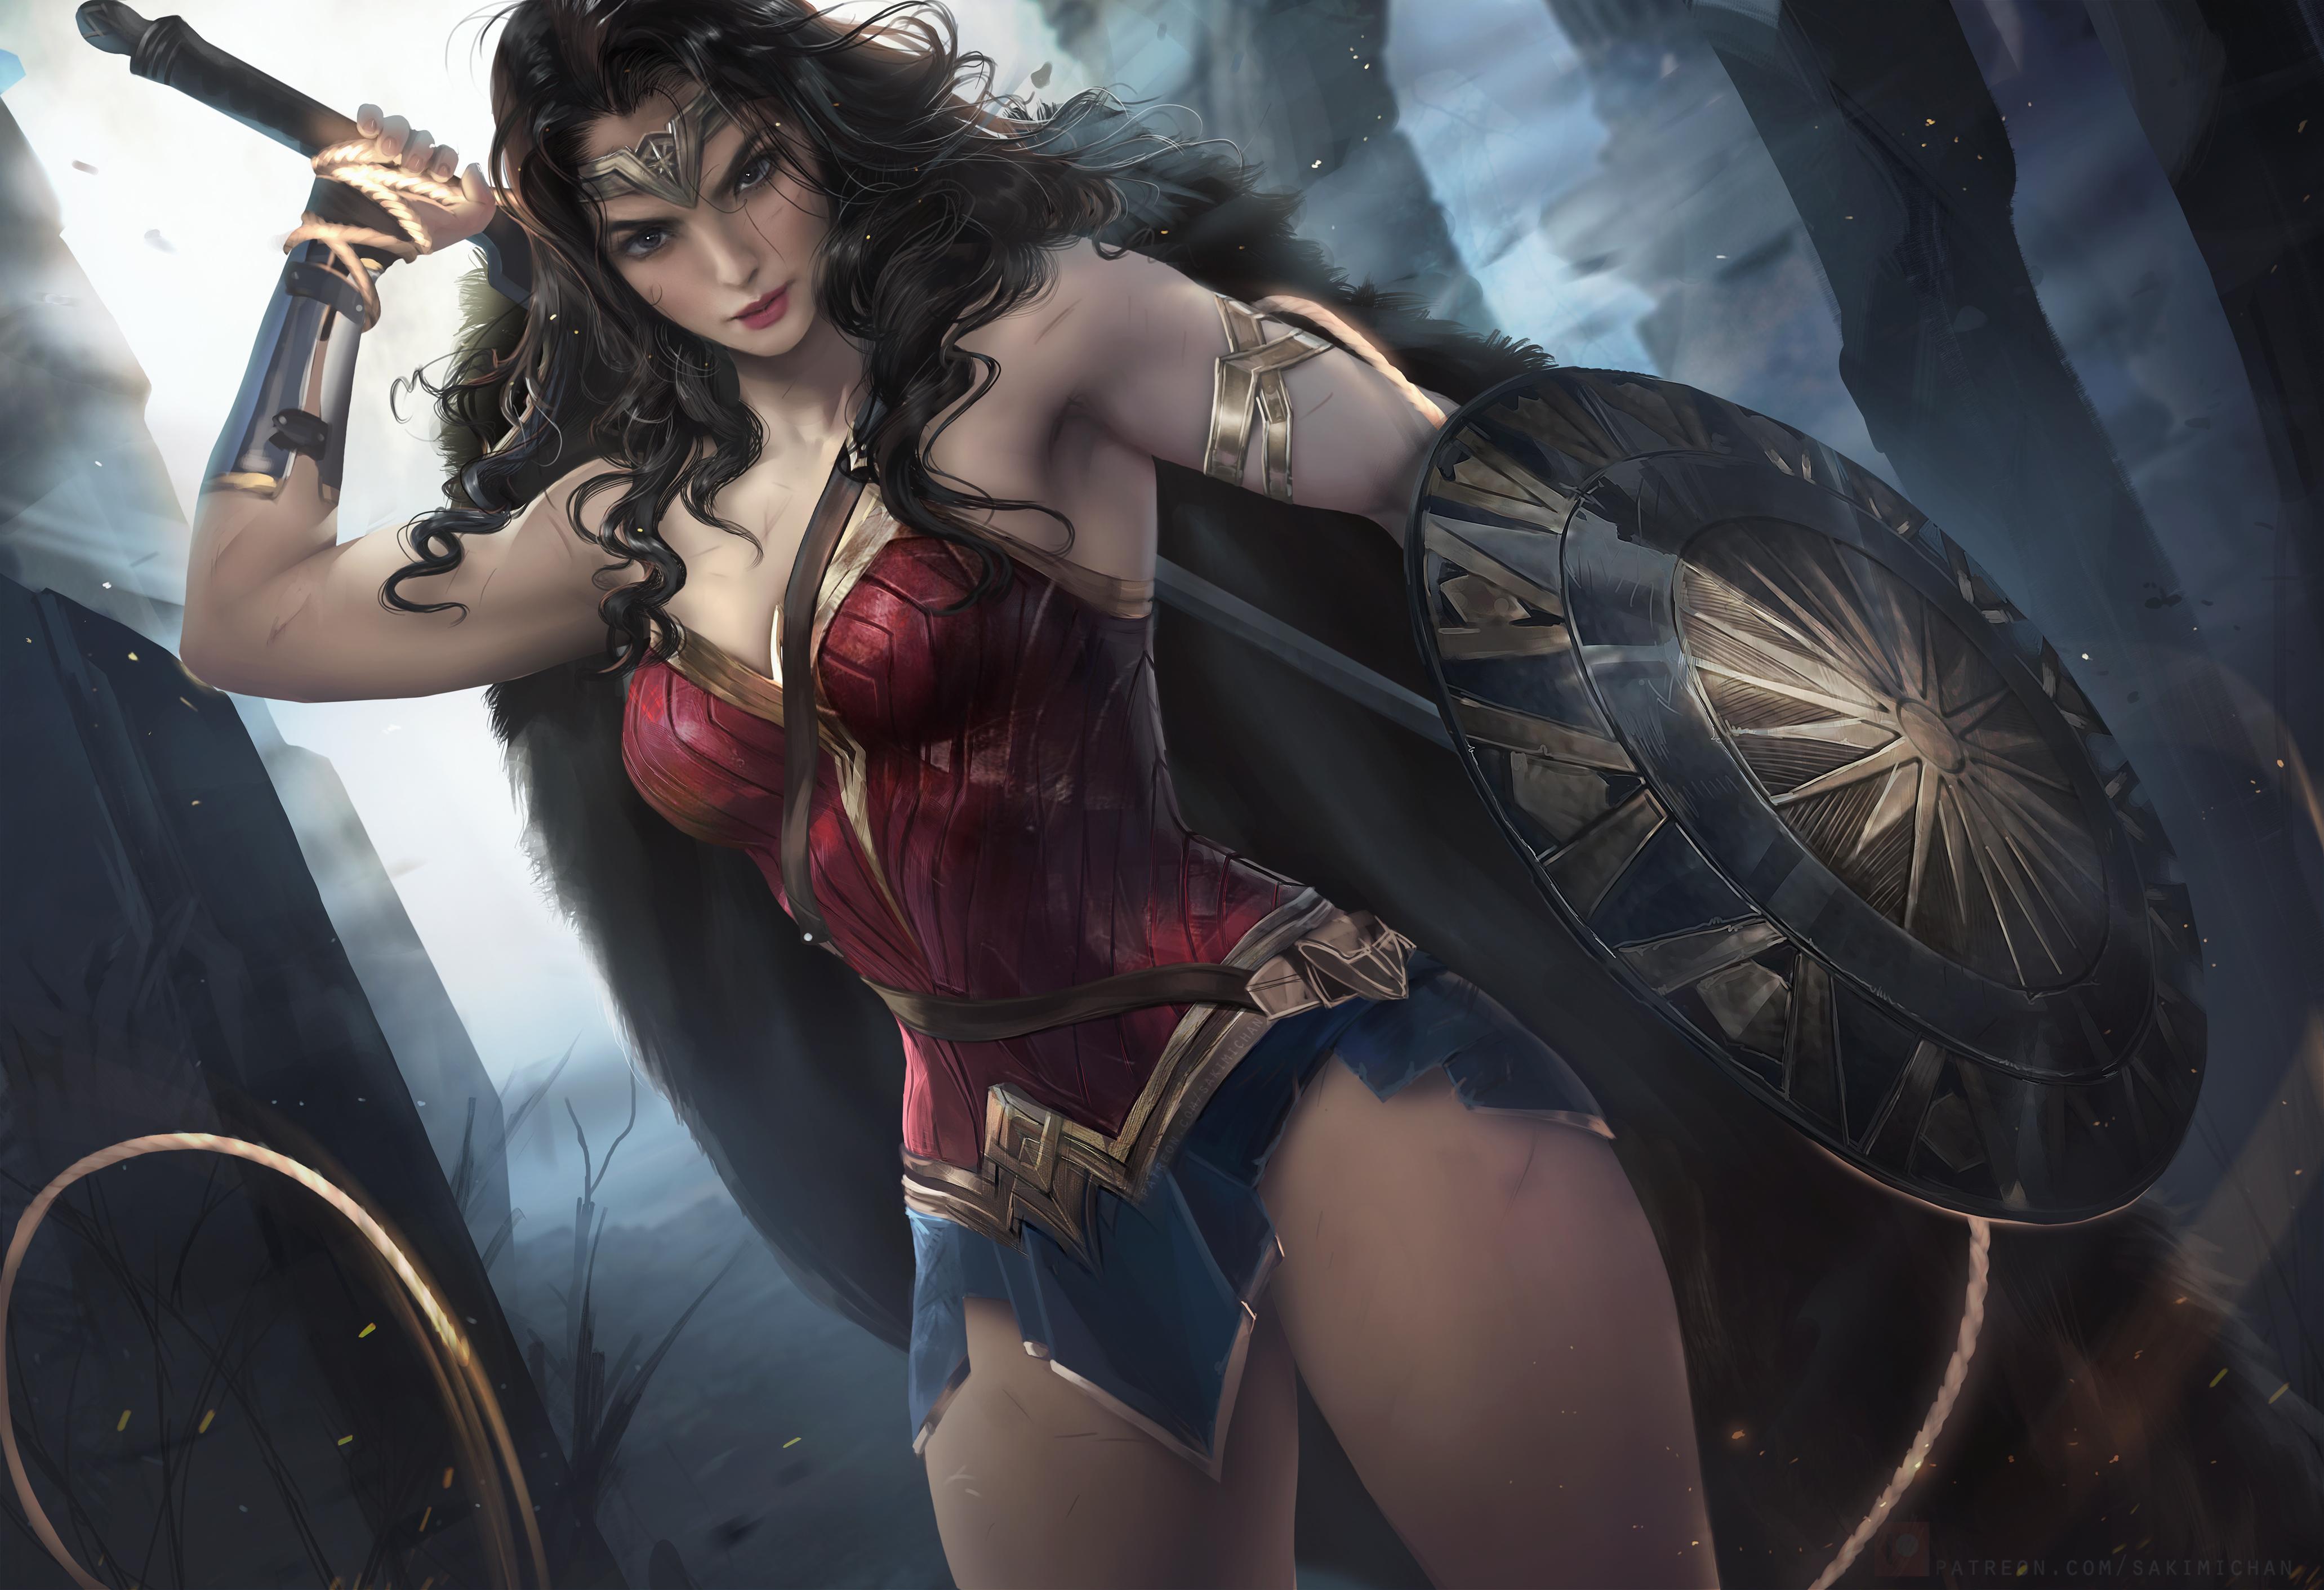 General 4126x2823 Wonder Woman women digital art thighs comics Justice League cleavage miniskirt shield corset warrior whips DC Comics dceu brunette movies Sakimichan artwork comic art